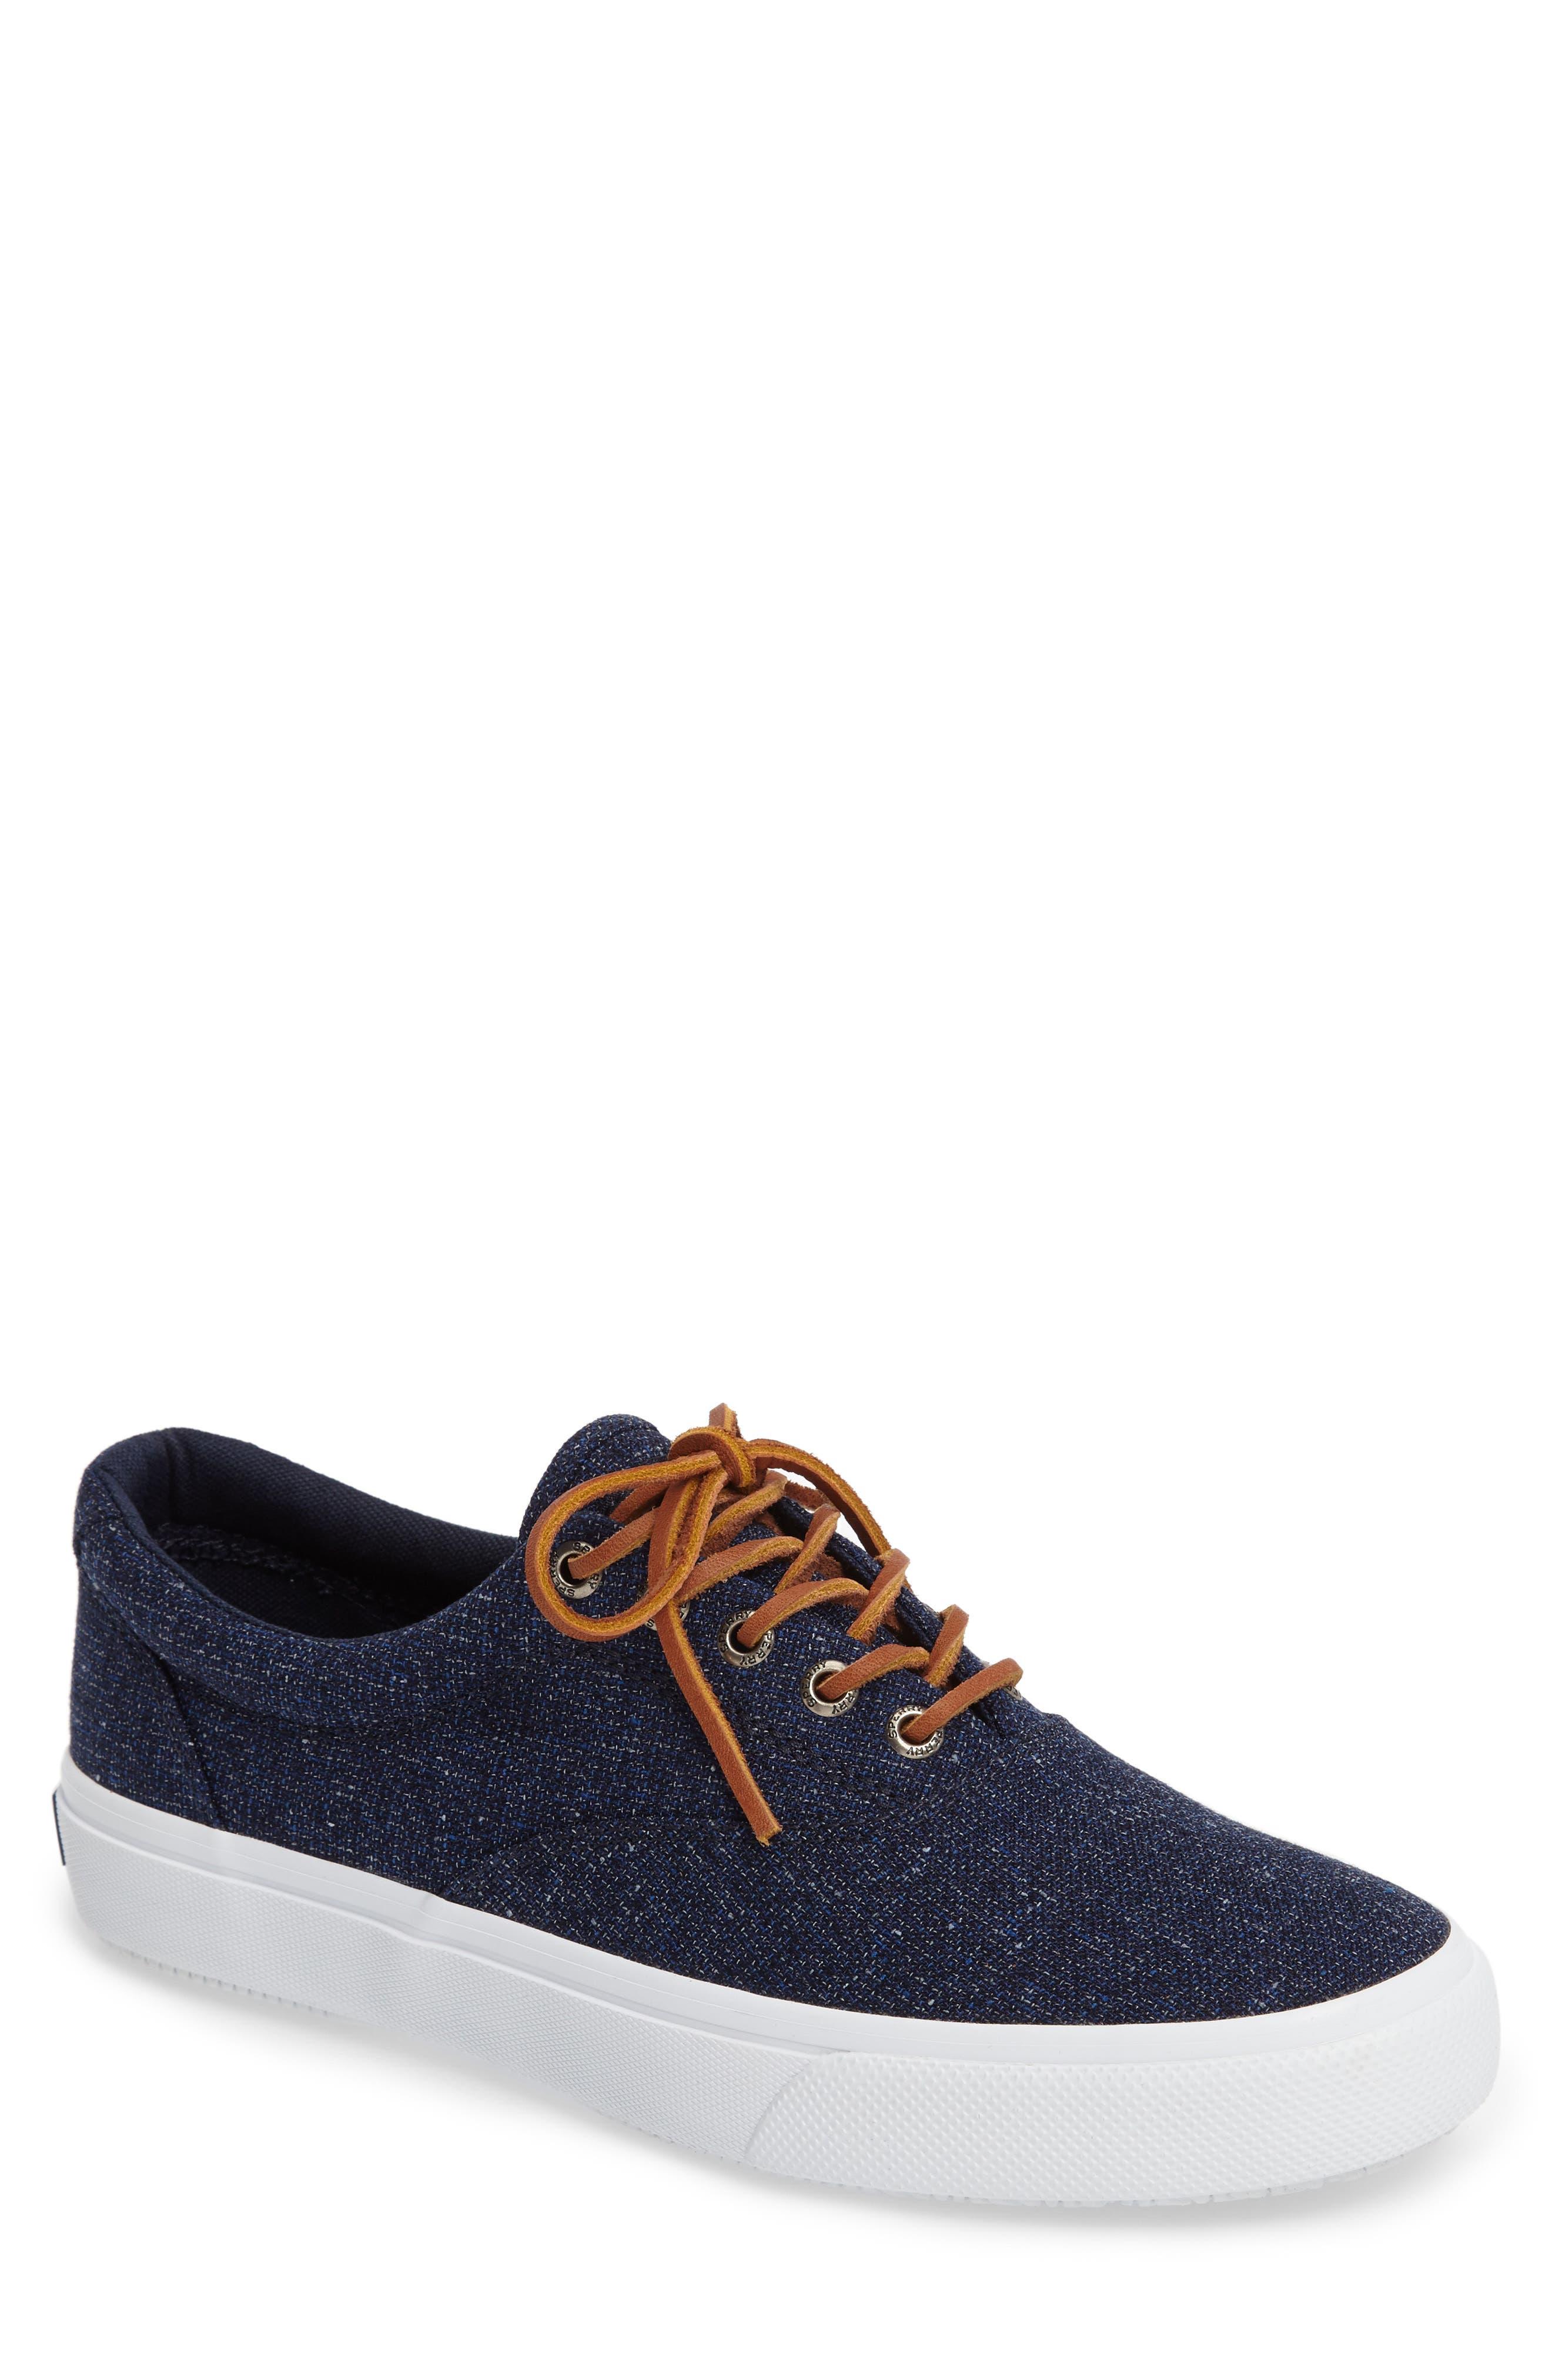 'Striper LL' Sneaker,                         Main,                         color, Navy